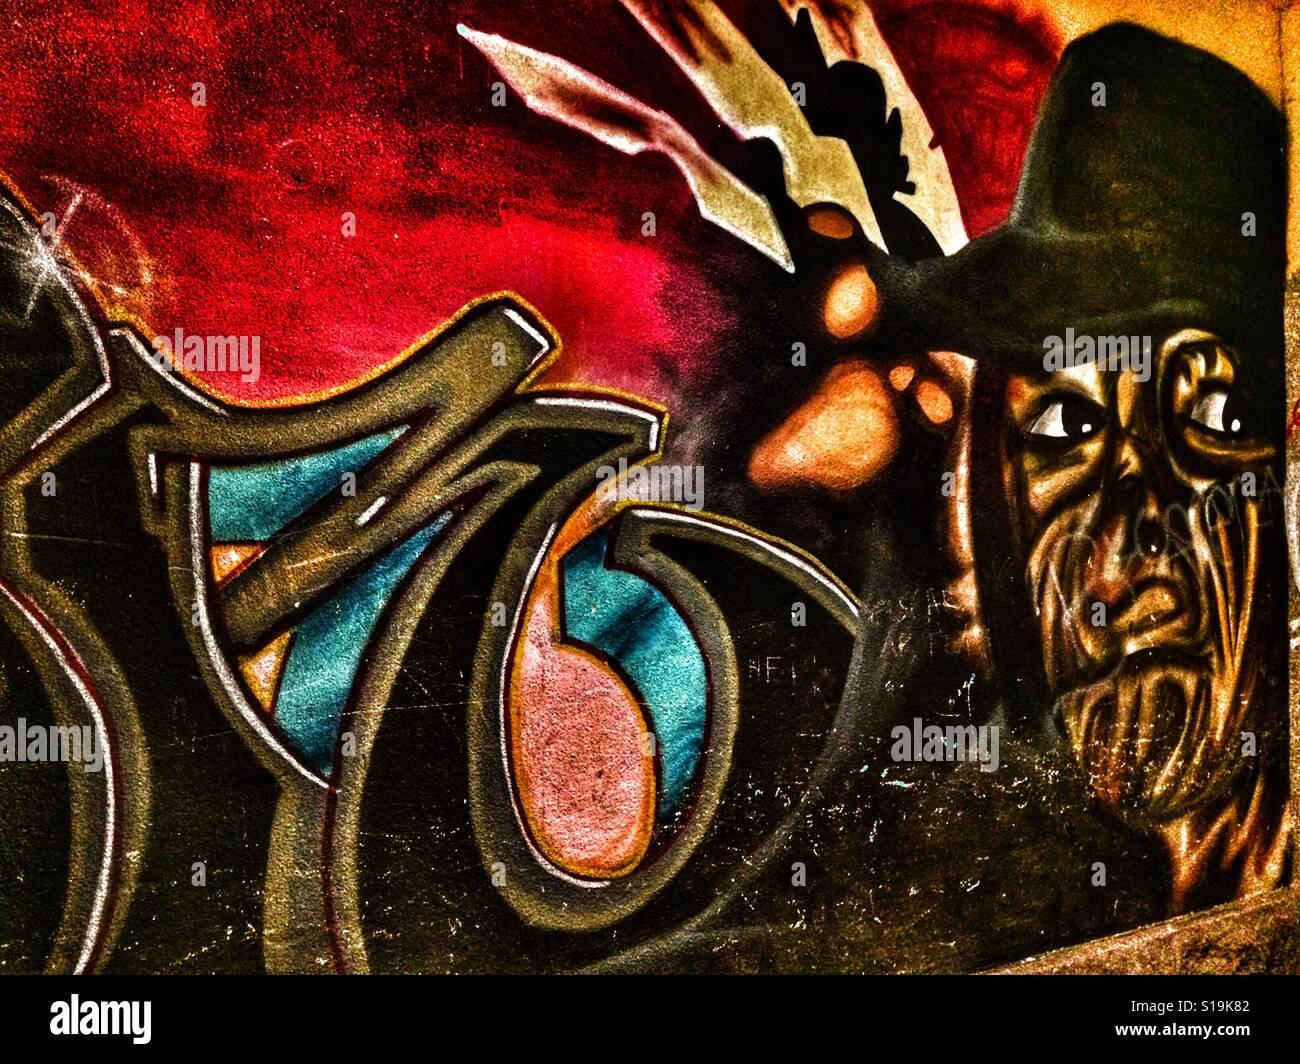 Graffiti à Mora, Suède. Banque D'Images